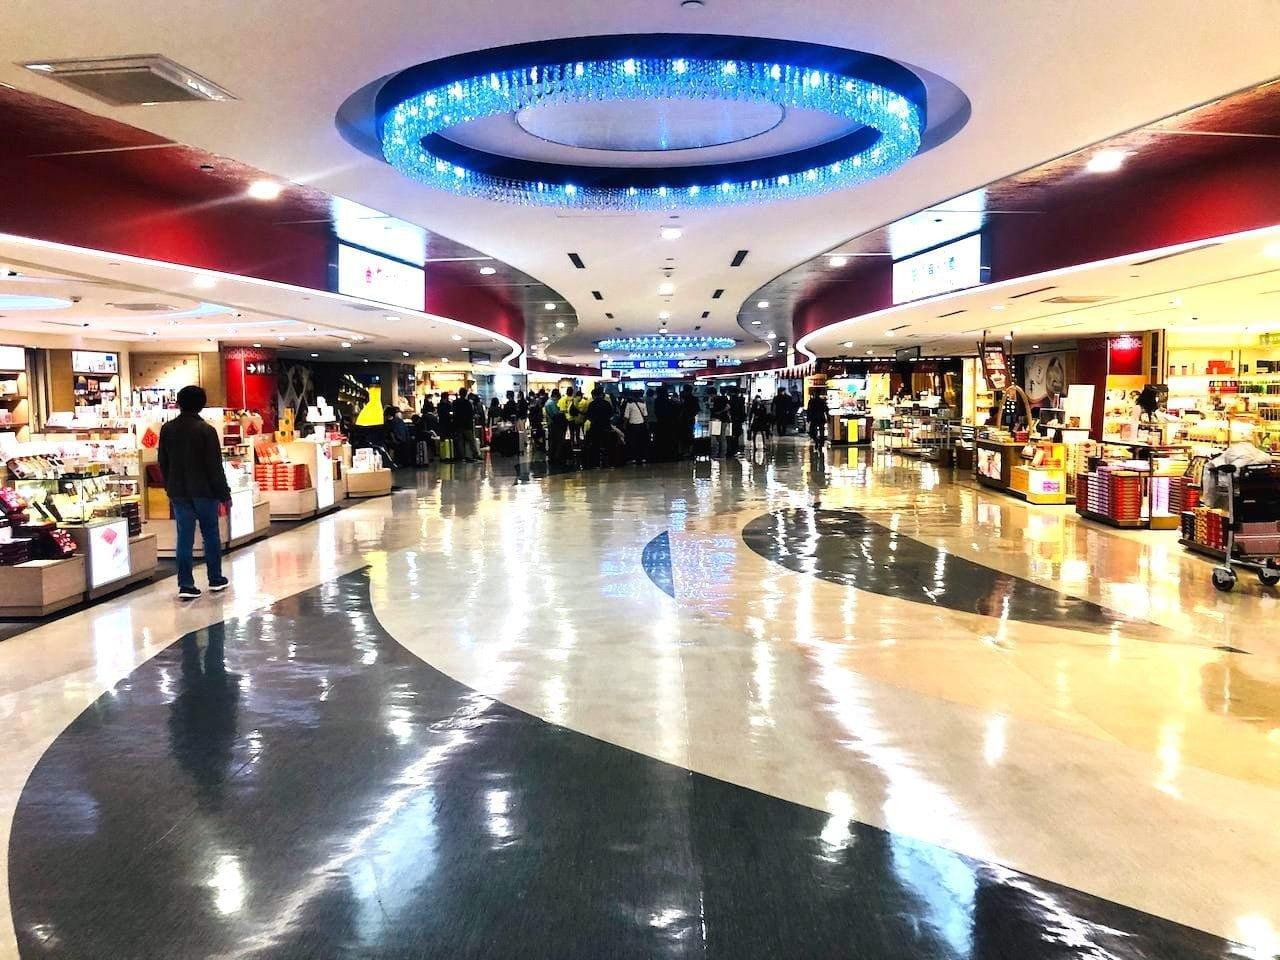 桃園空港第2ターミナル 2階 お土産コーナー 奥